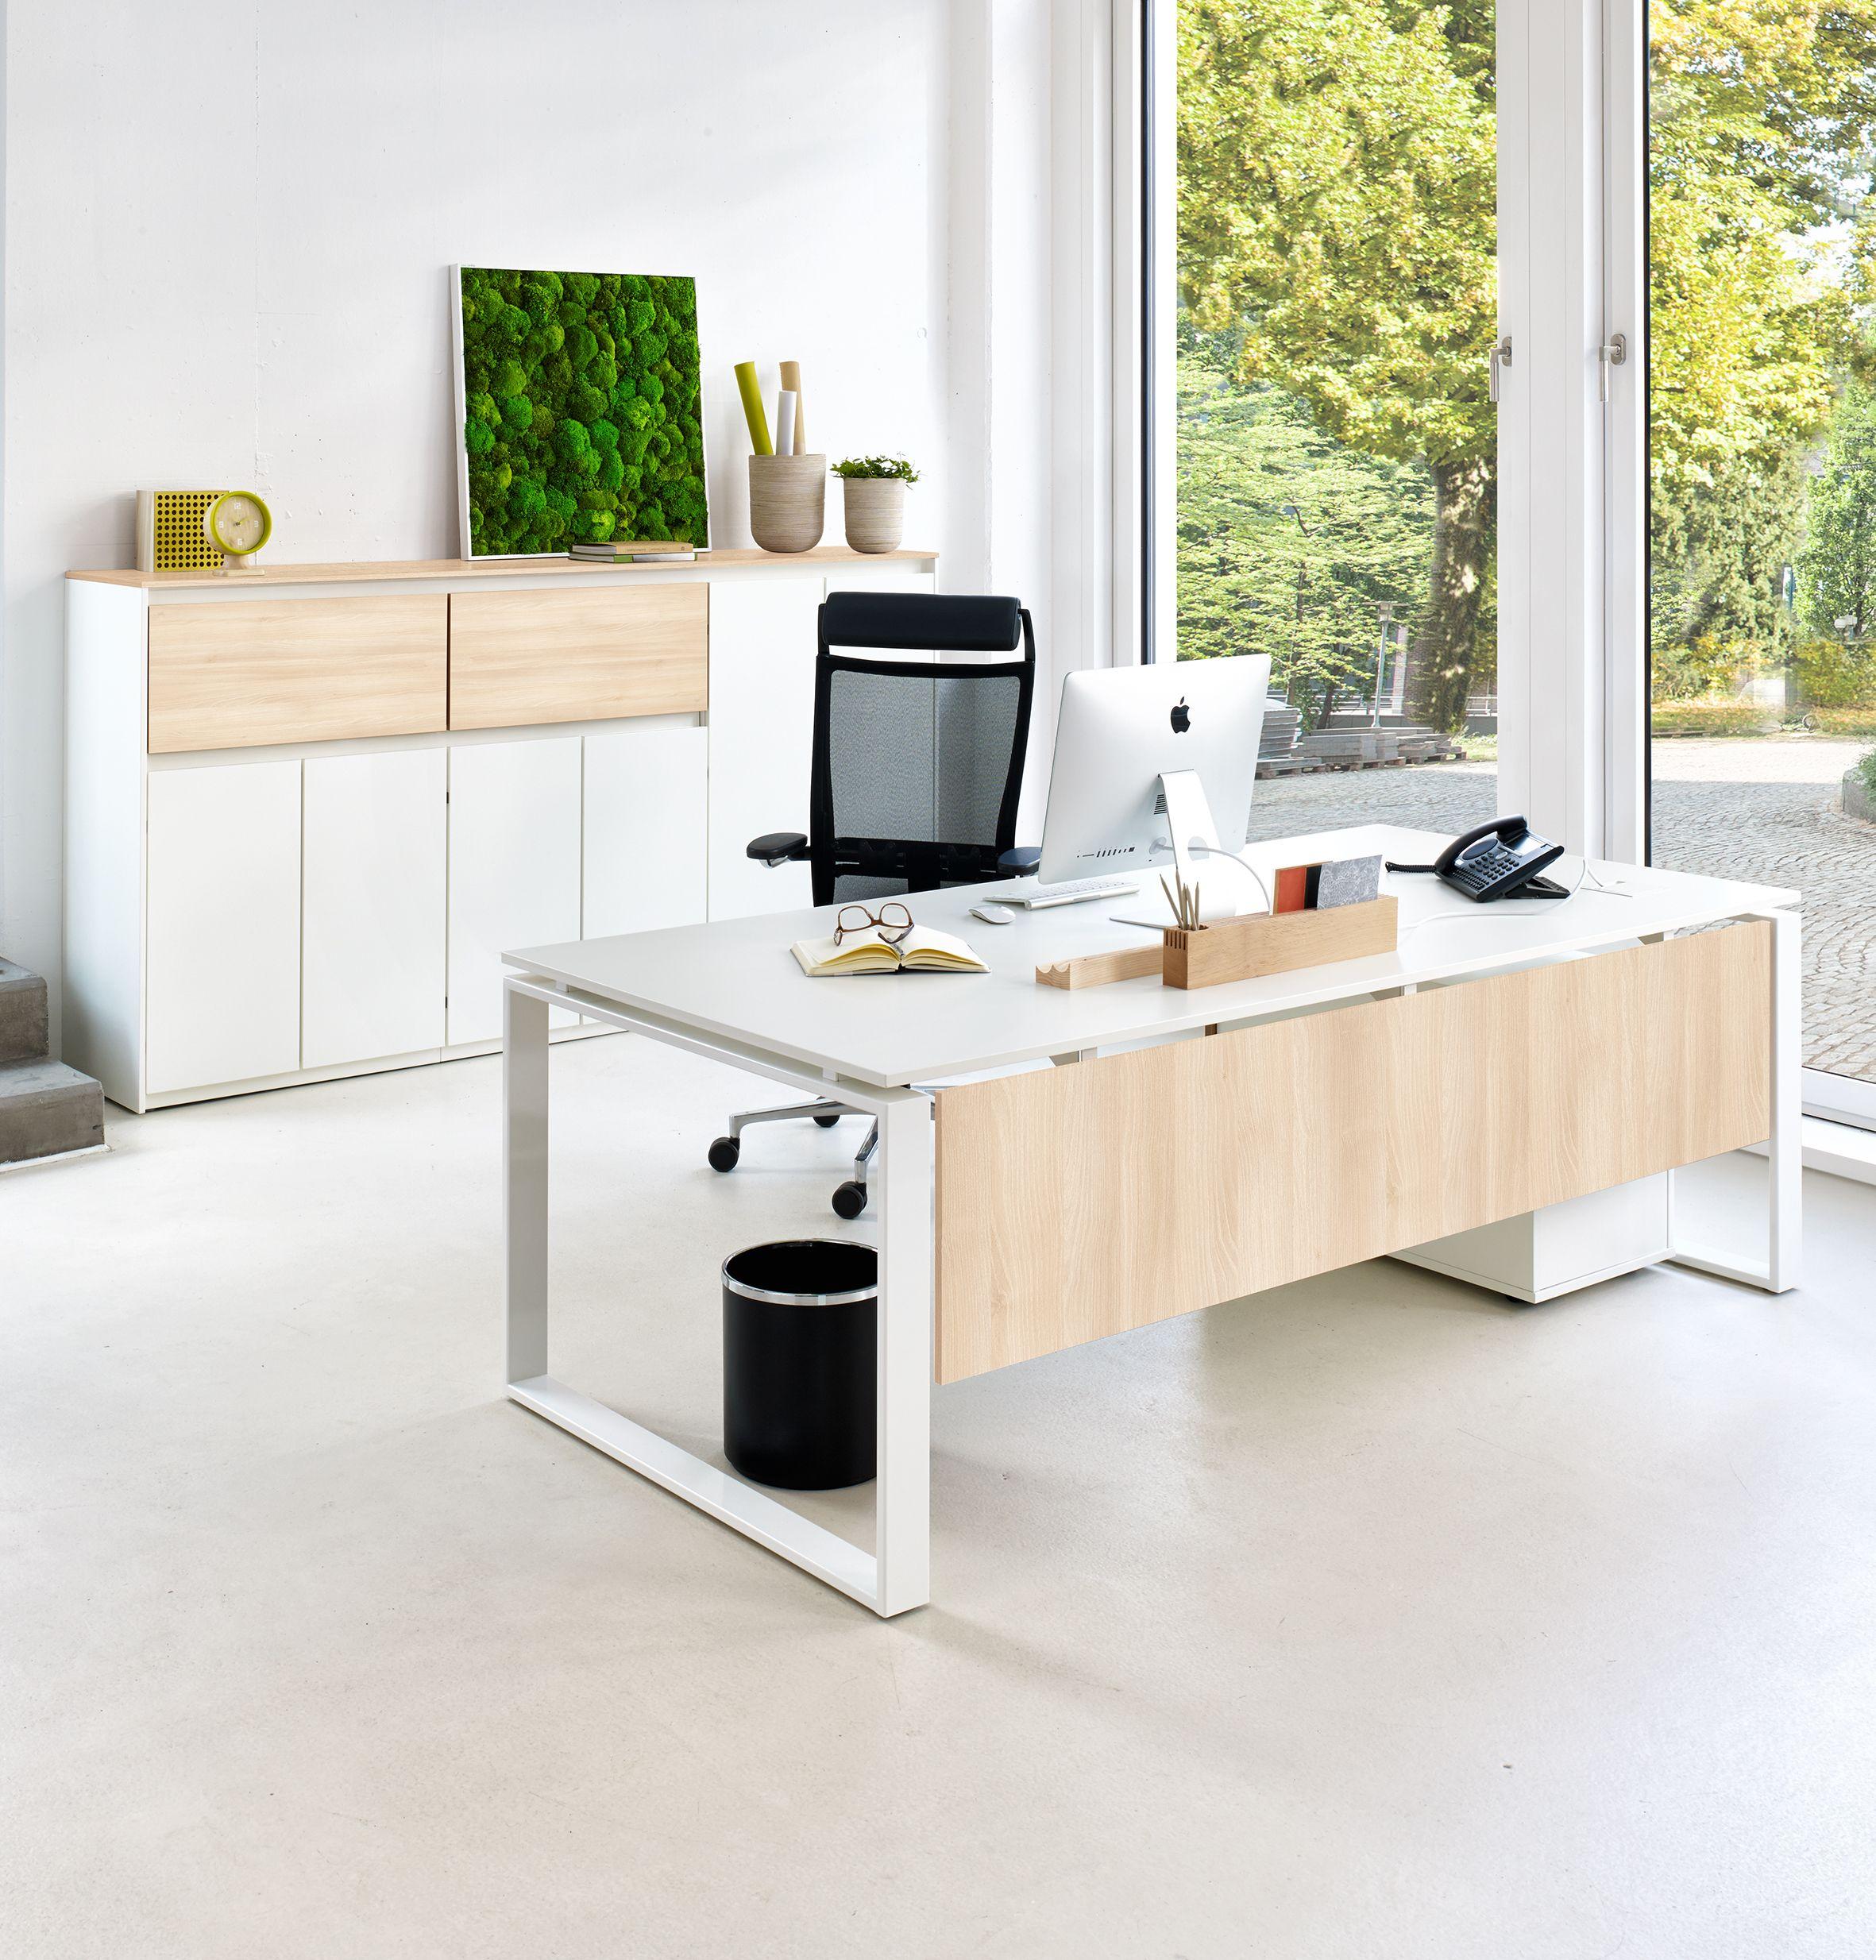 schreibtisch intero von febr leichtes modernes design mit wei em gestell und wei er. Black Bedroom Furniture Sets. Home Design Ideas